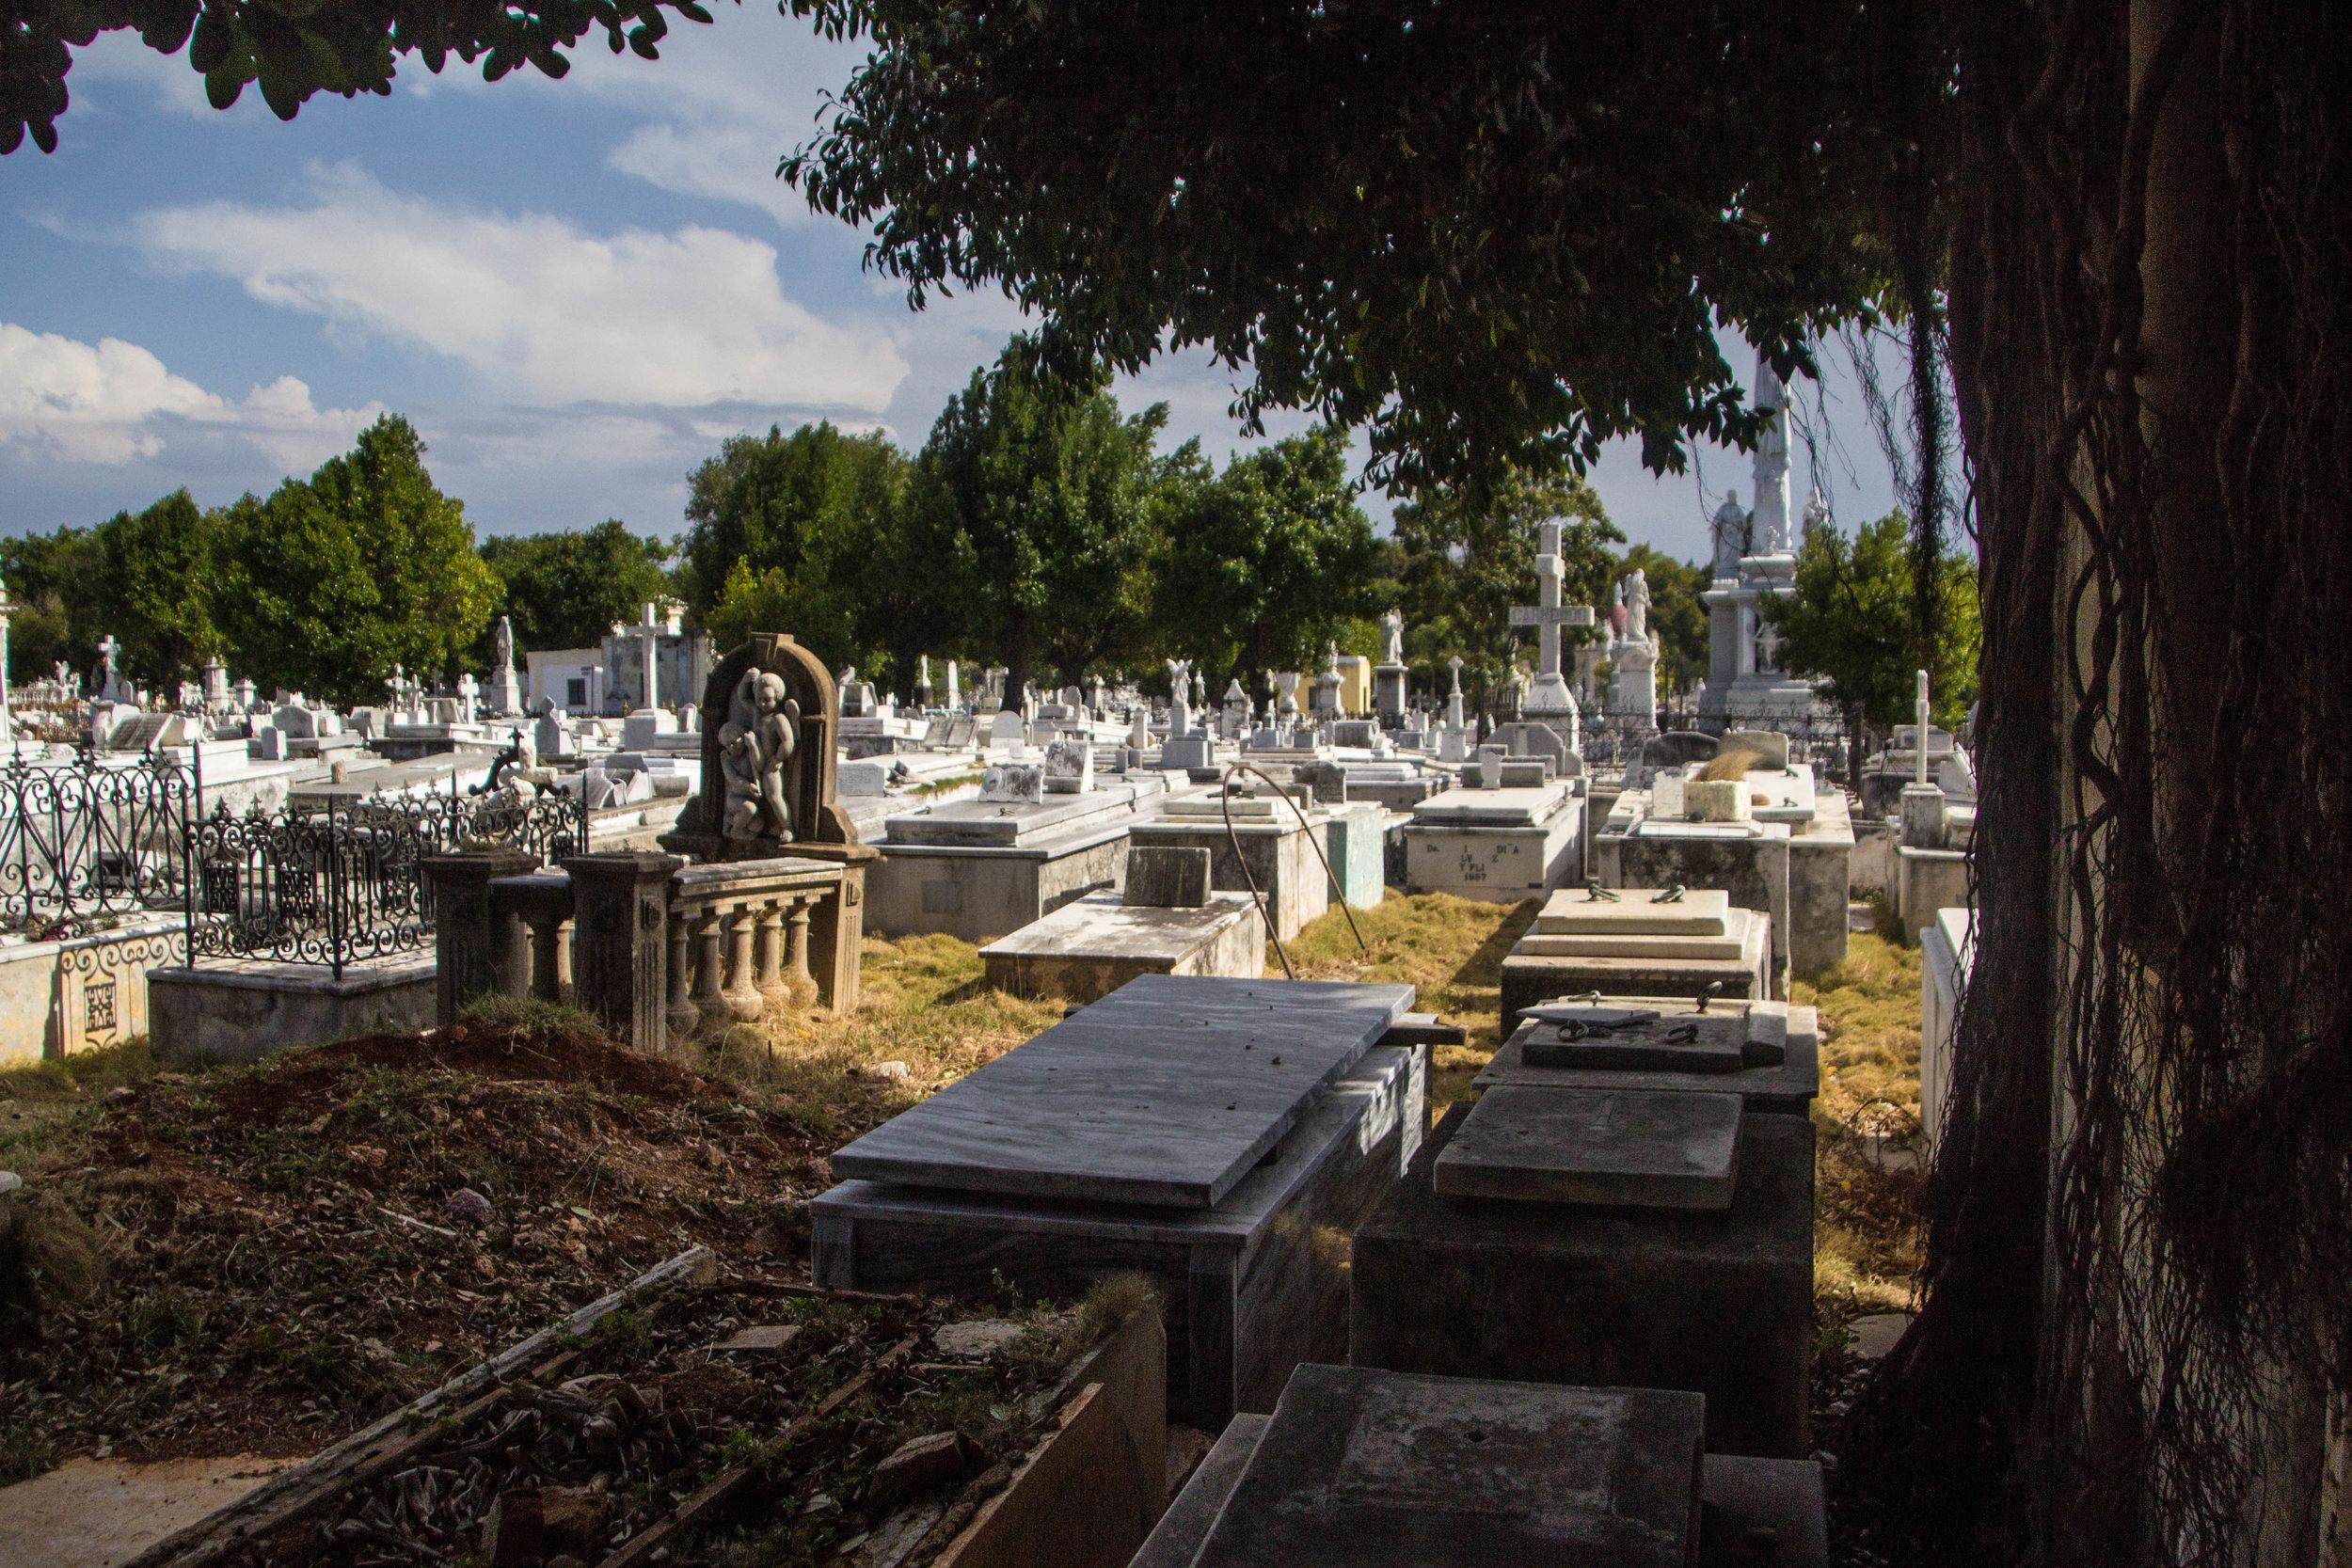 cementerio de cristóbal colón havana cuba-1-4-2.jpg